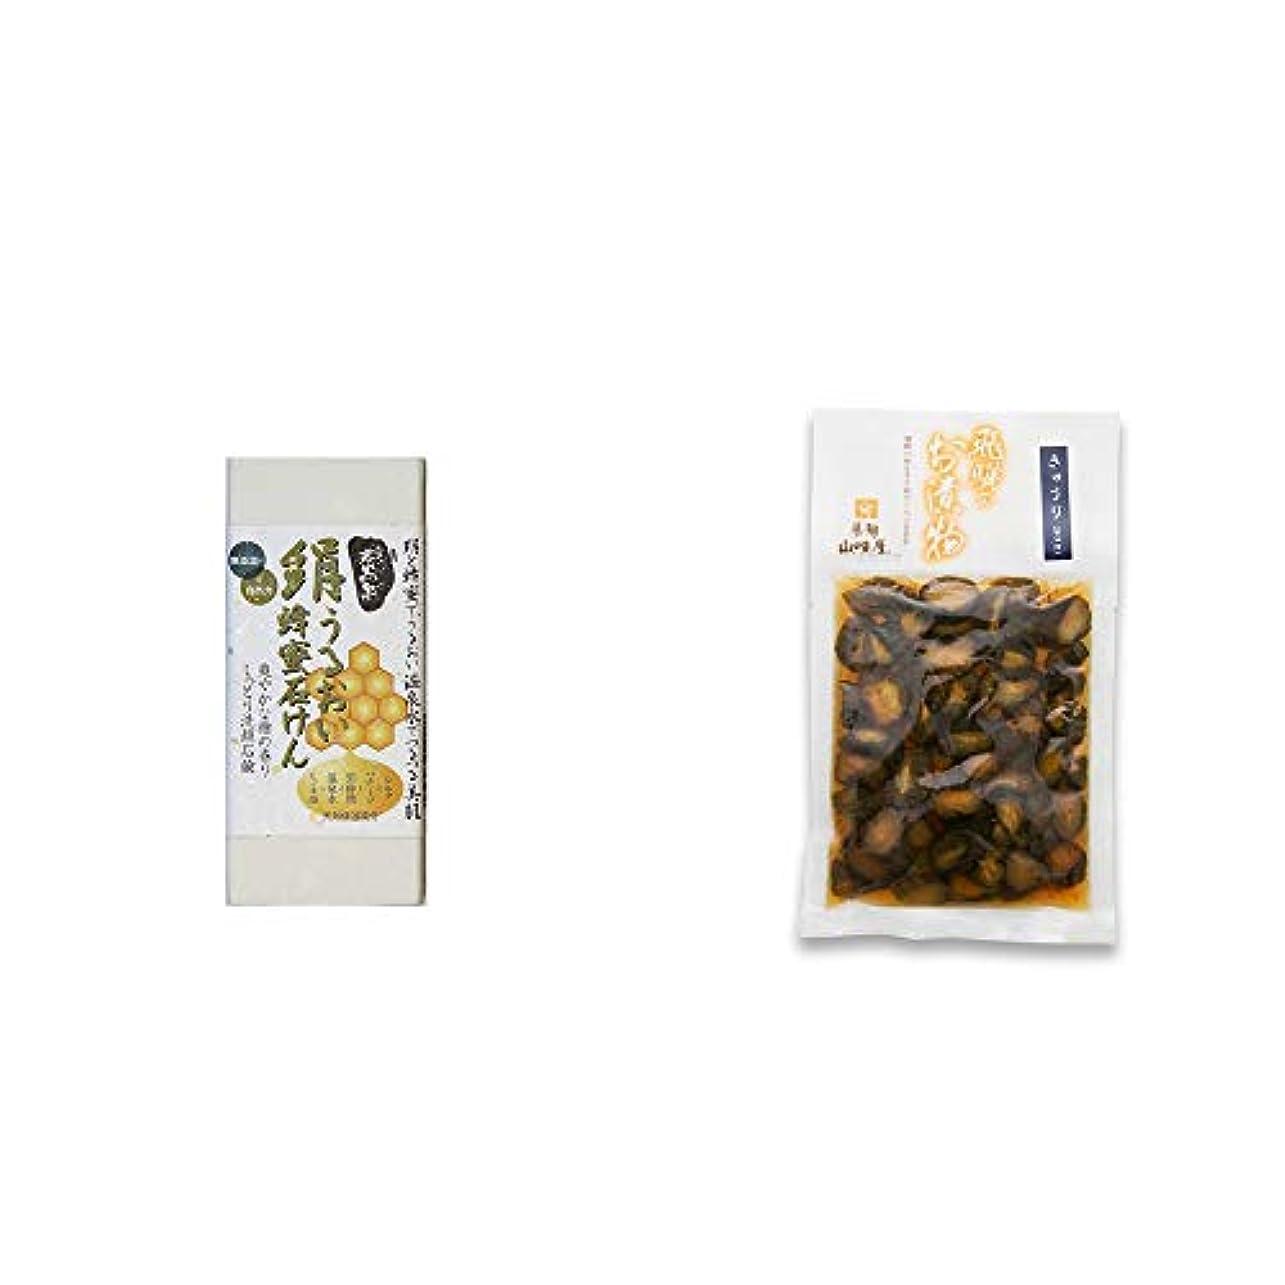 上出発する潤滑する[2点セット] ひのき炭黒泉 絹うるおい蜂蜜石けん(75g×2)?飛騨山味屋 きゅうり醤油漬(150g)